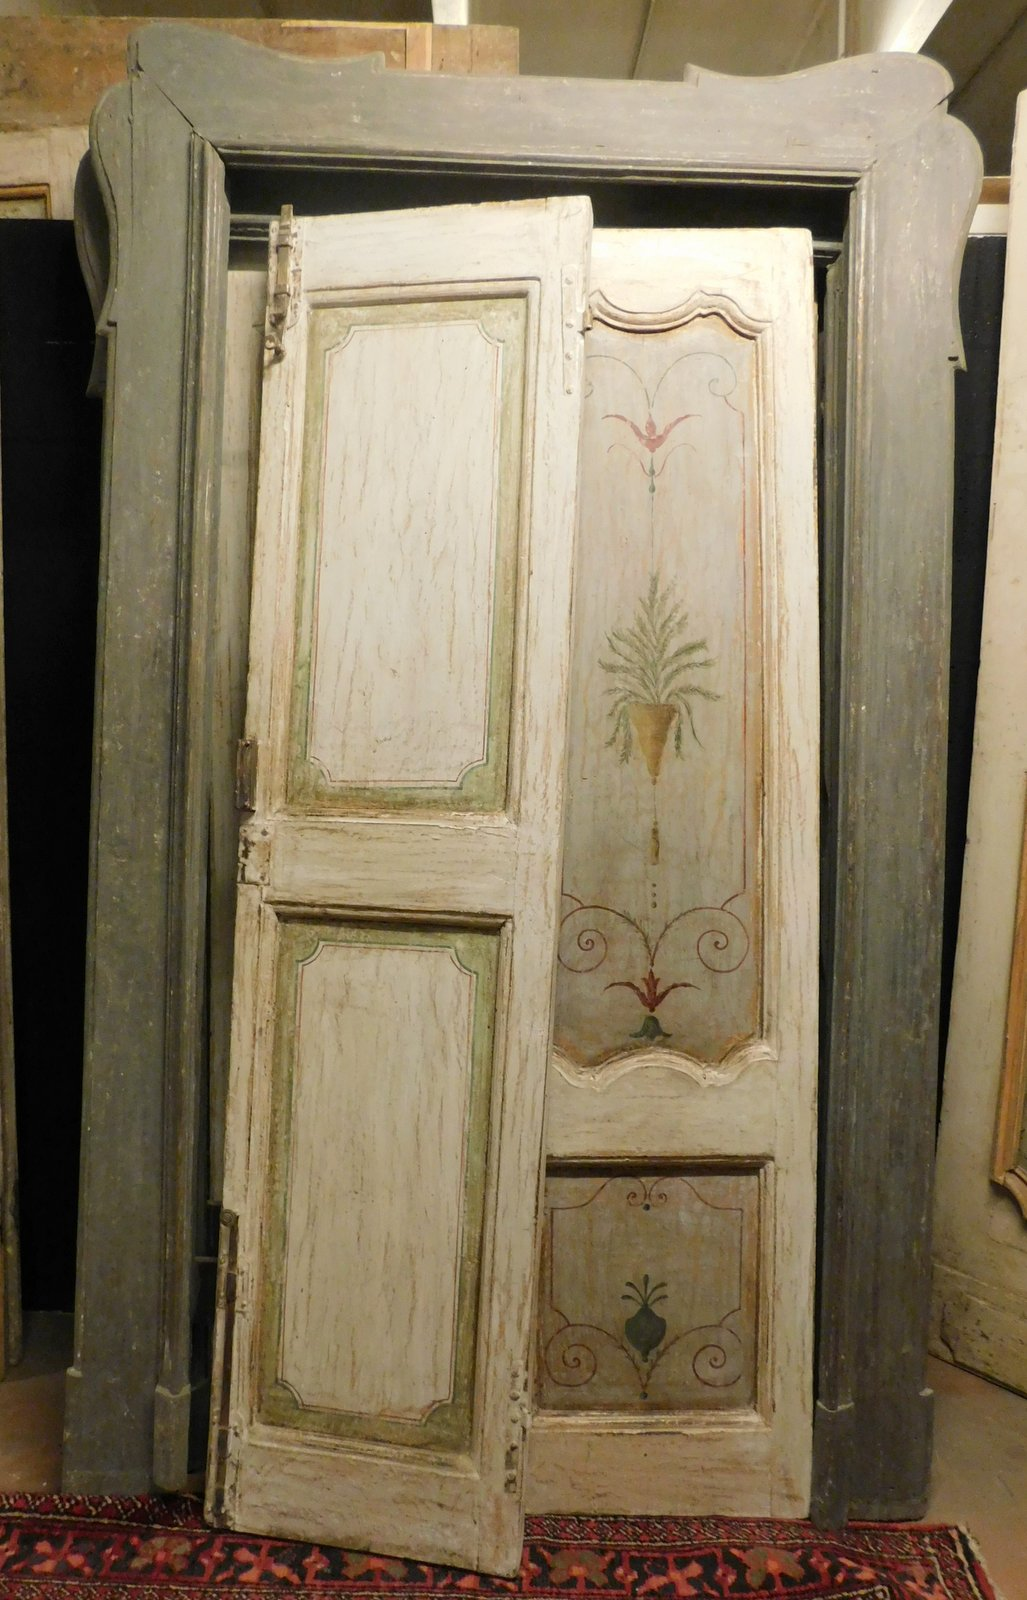 thumb2 pts736 - n. 3 porte laccate con pannelli dipinti, complete di telaio, epoca '700, porta in foto misura cm l 144 x h 242, luce cm l 102 x h 217